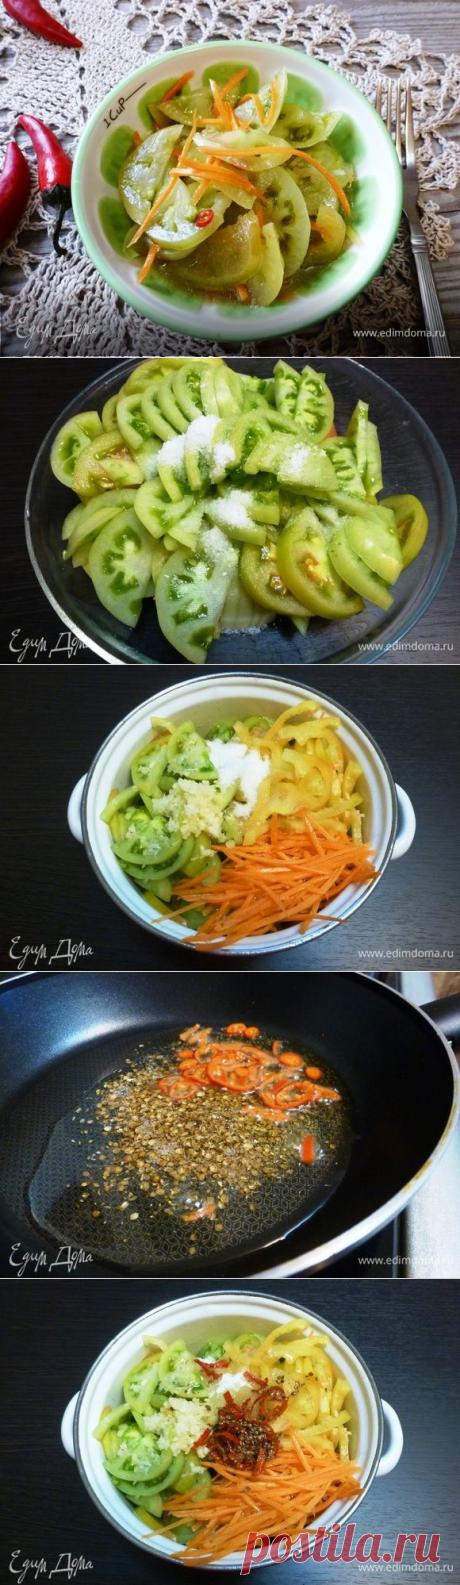 Зеленые помидоры по-корейски рецепт 👌 с фото пошаговый | Едим Дома кулинарные рецепты от Юлии Высоцкой